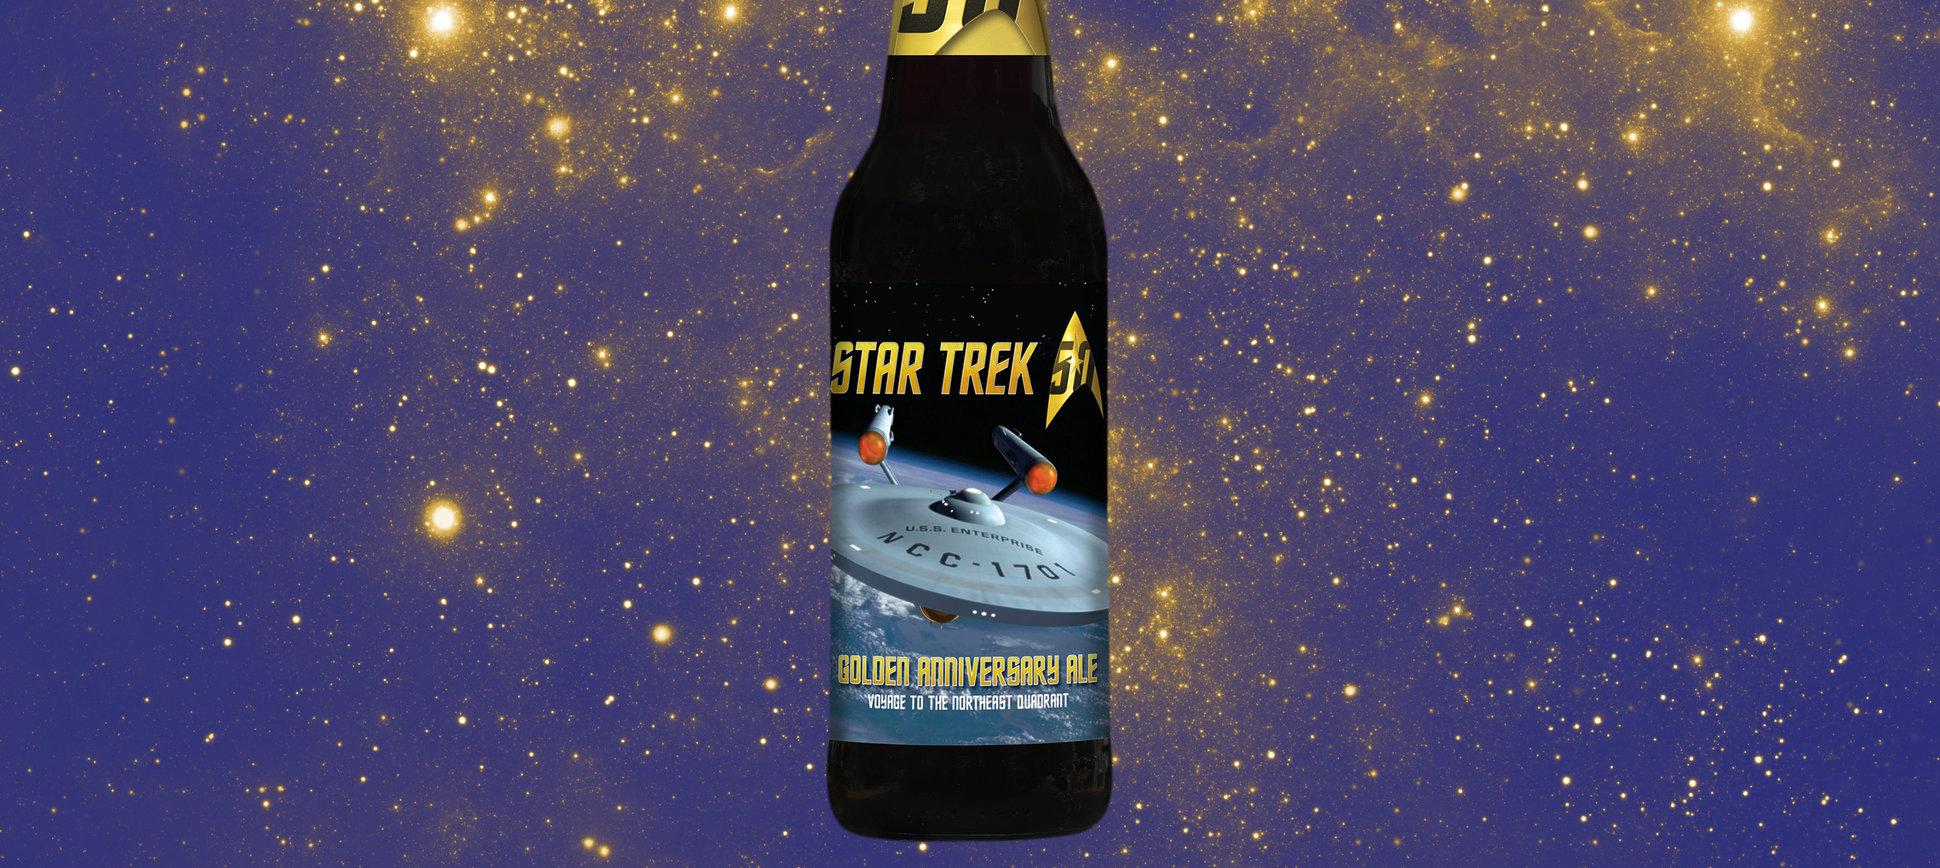 \'Star Trek\' Beer Is Here, if You Khan Believe It